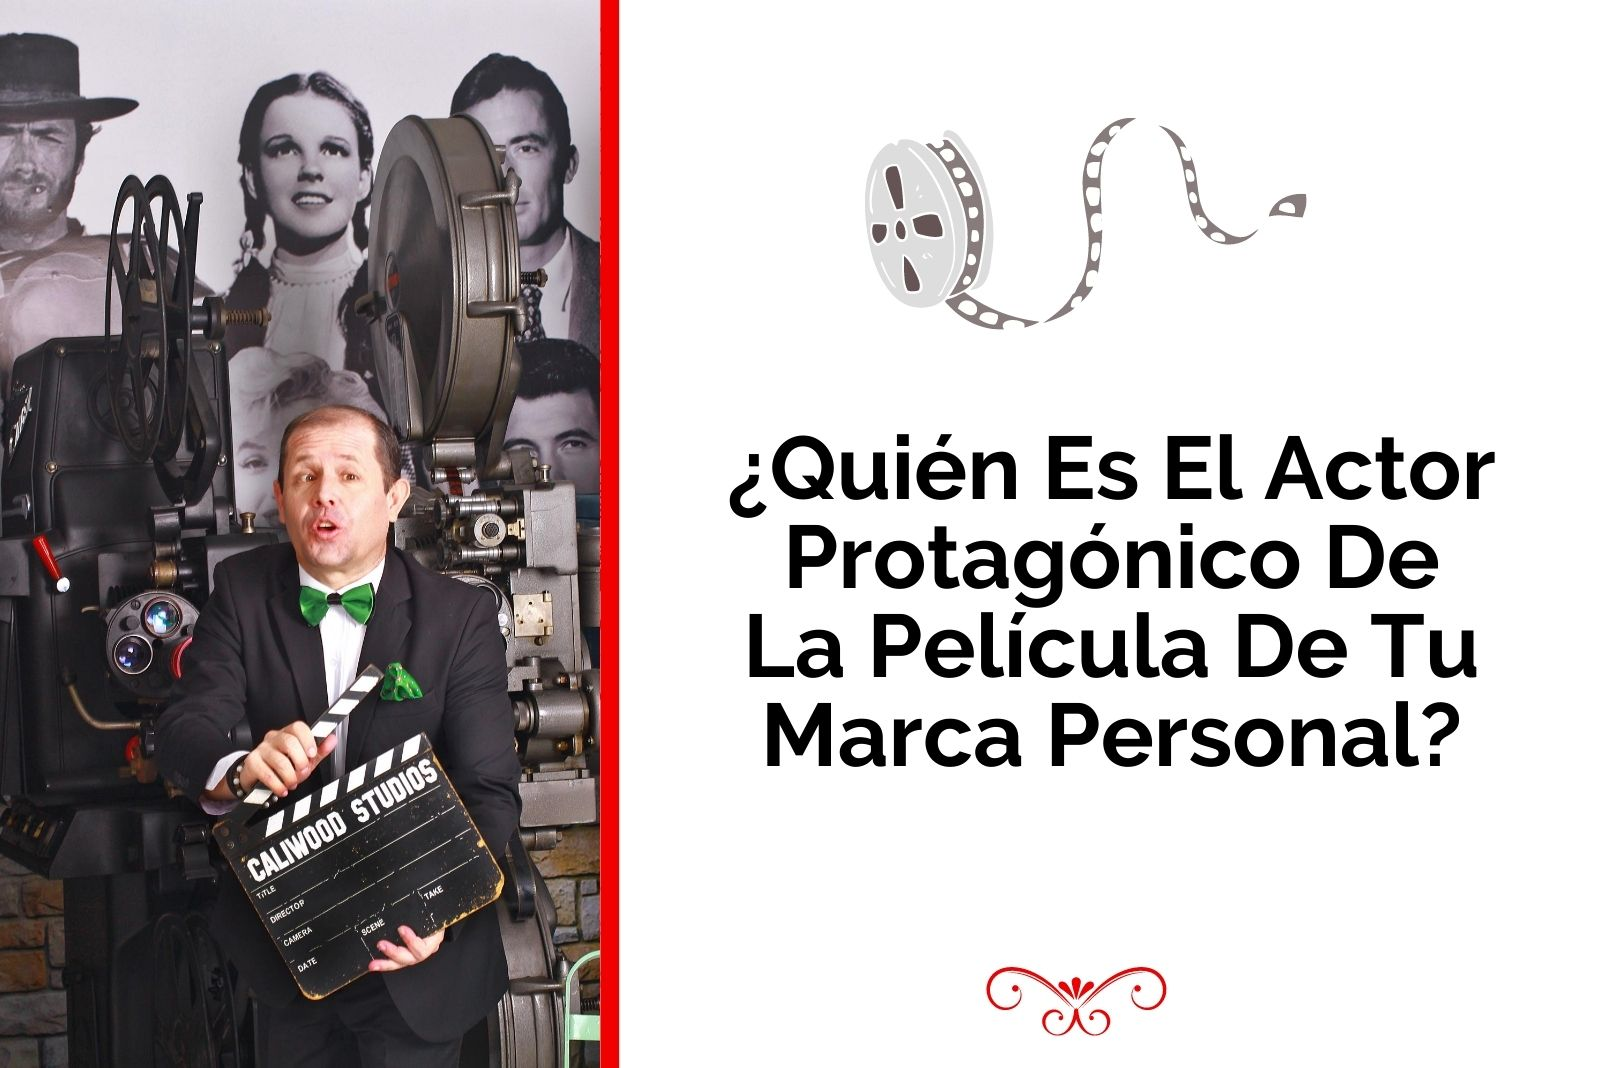 Hector Jimenez - Quién Es El Actor Protagónico De La Película De Tu Marca Personal - 1